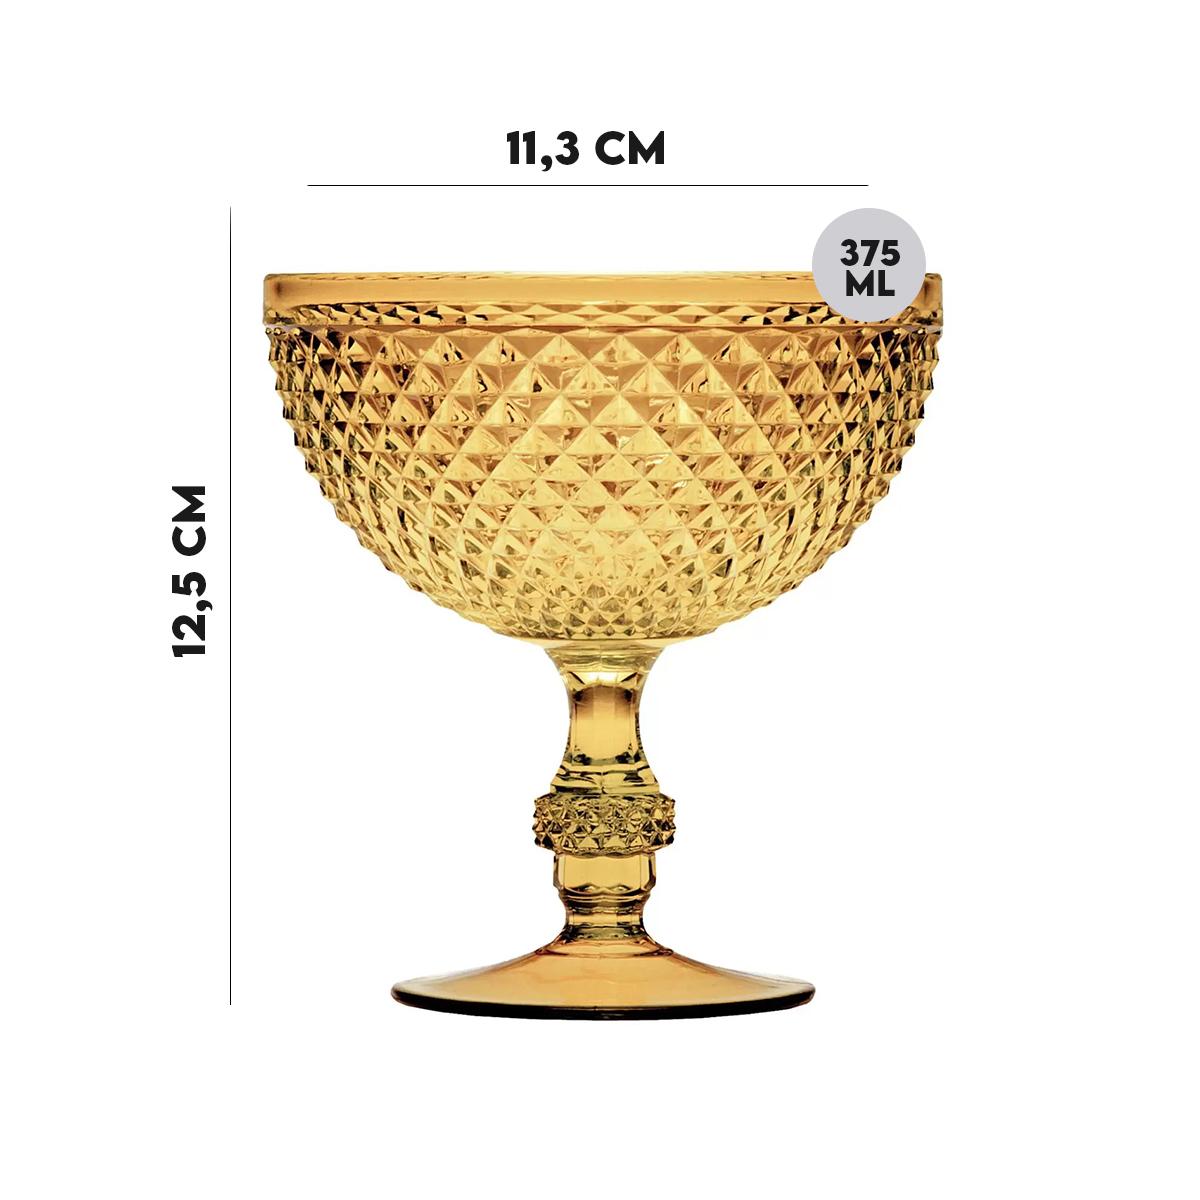 Jogo 4 Taças p/ Sorvete de Acrílico Âmbar Bon Gourmet 375ml  - Lemis